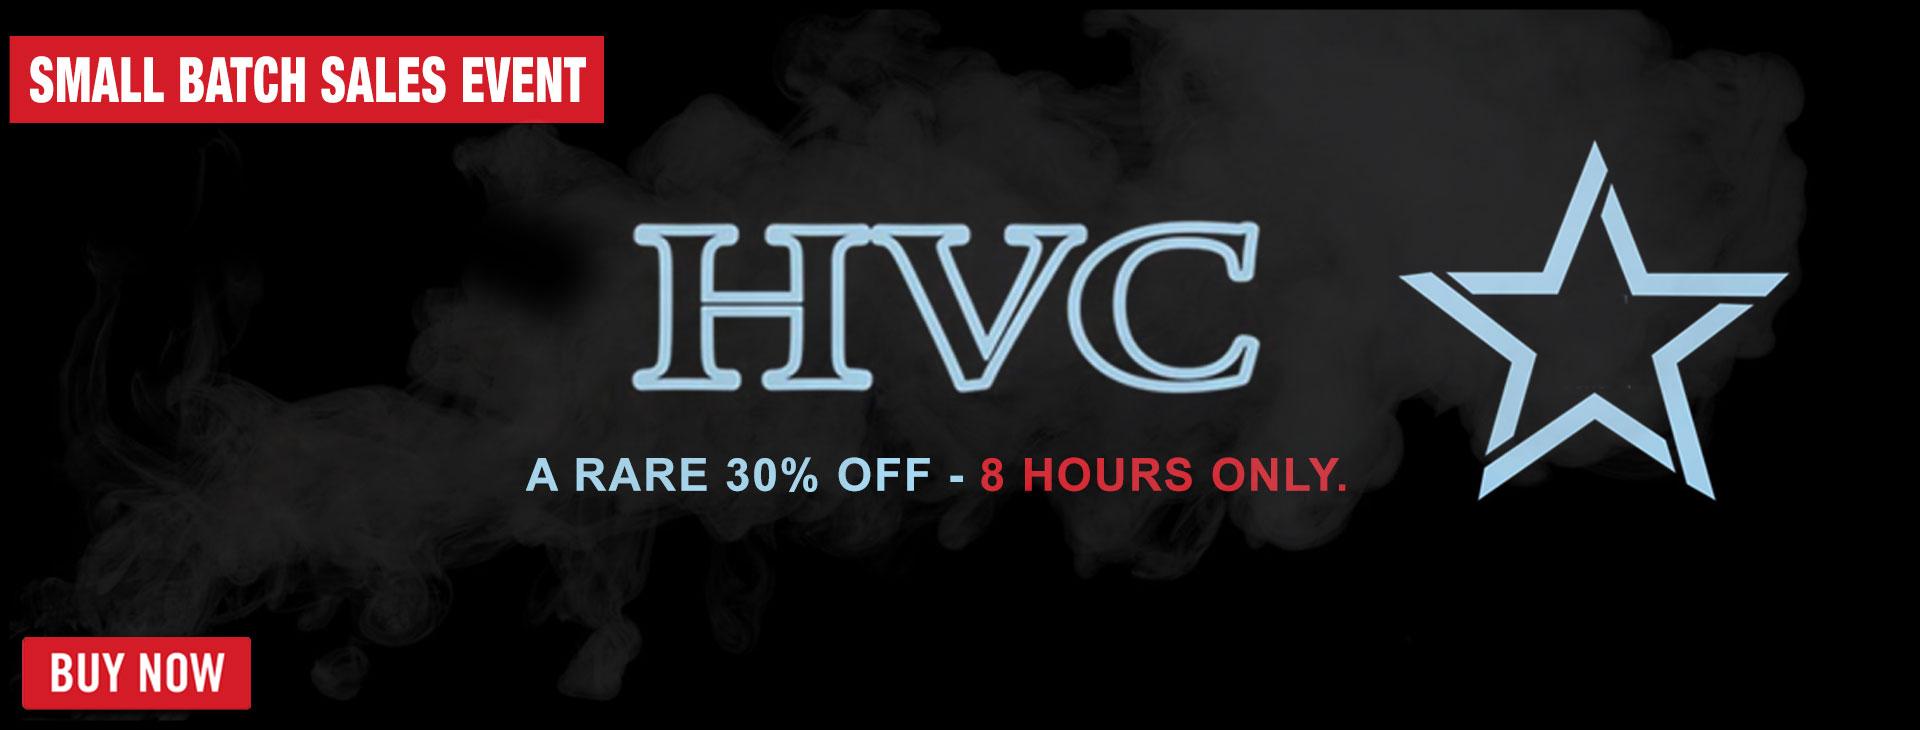 hvc-2021-banner.jpg